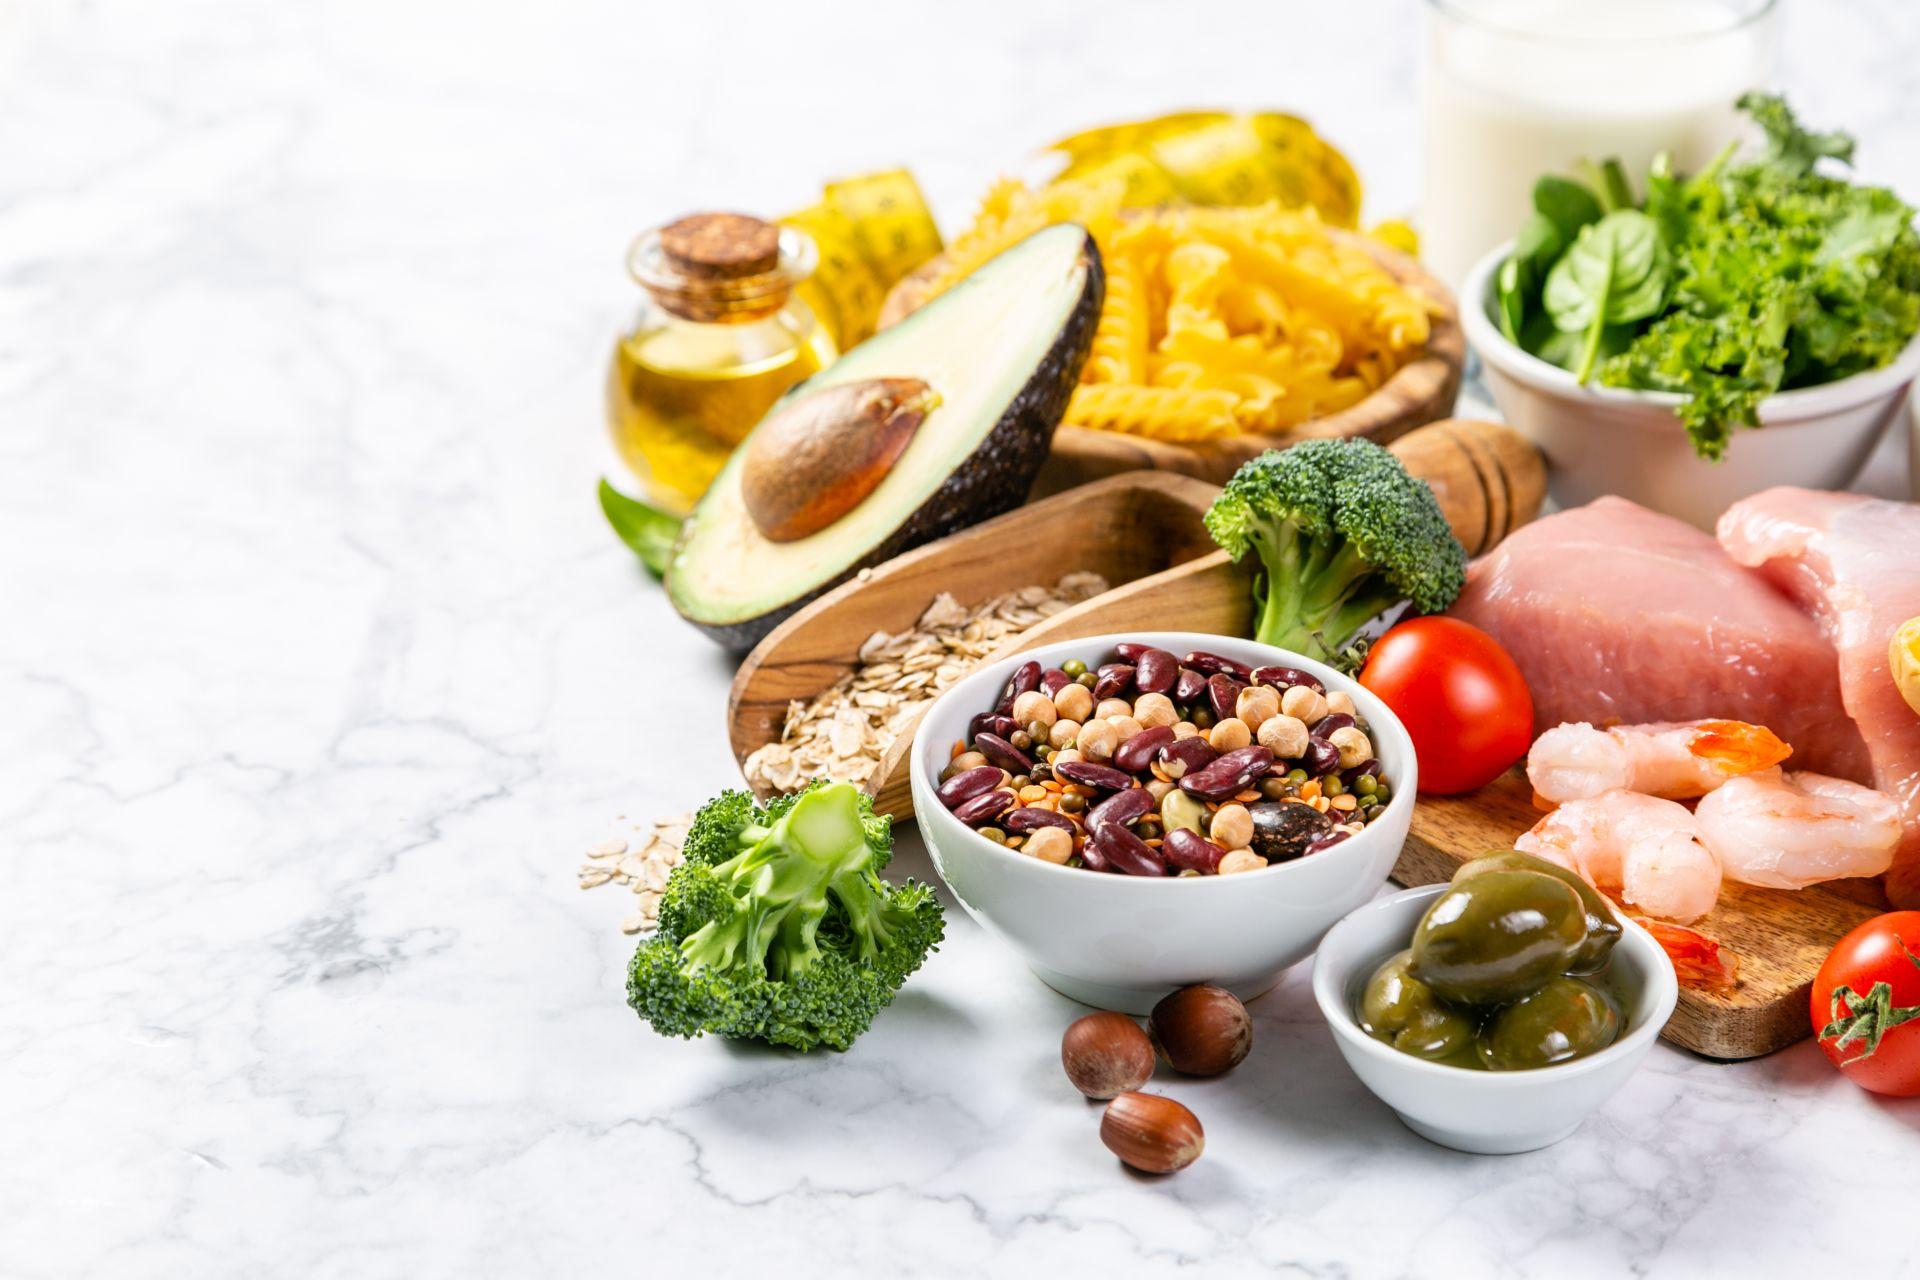 Dieta na nadciśnienie - dieta DASH pomaga obniżać ciśnienie bez leków oraz obniżać stężenie cholesterolu we krwi.